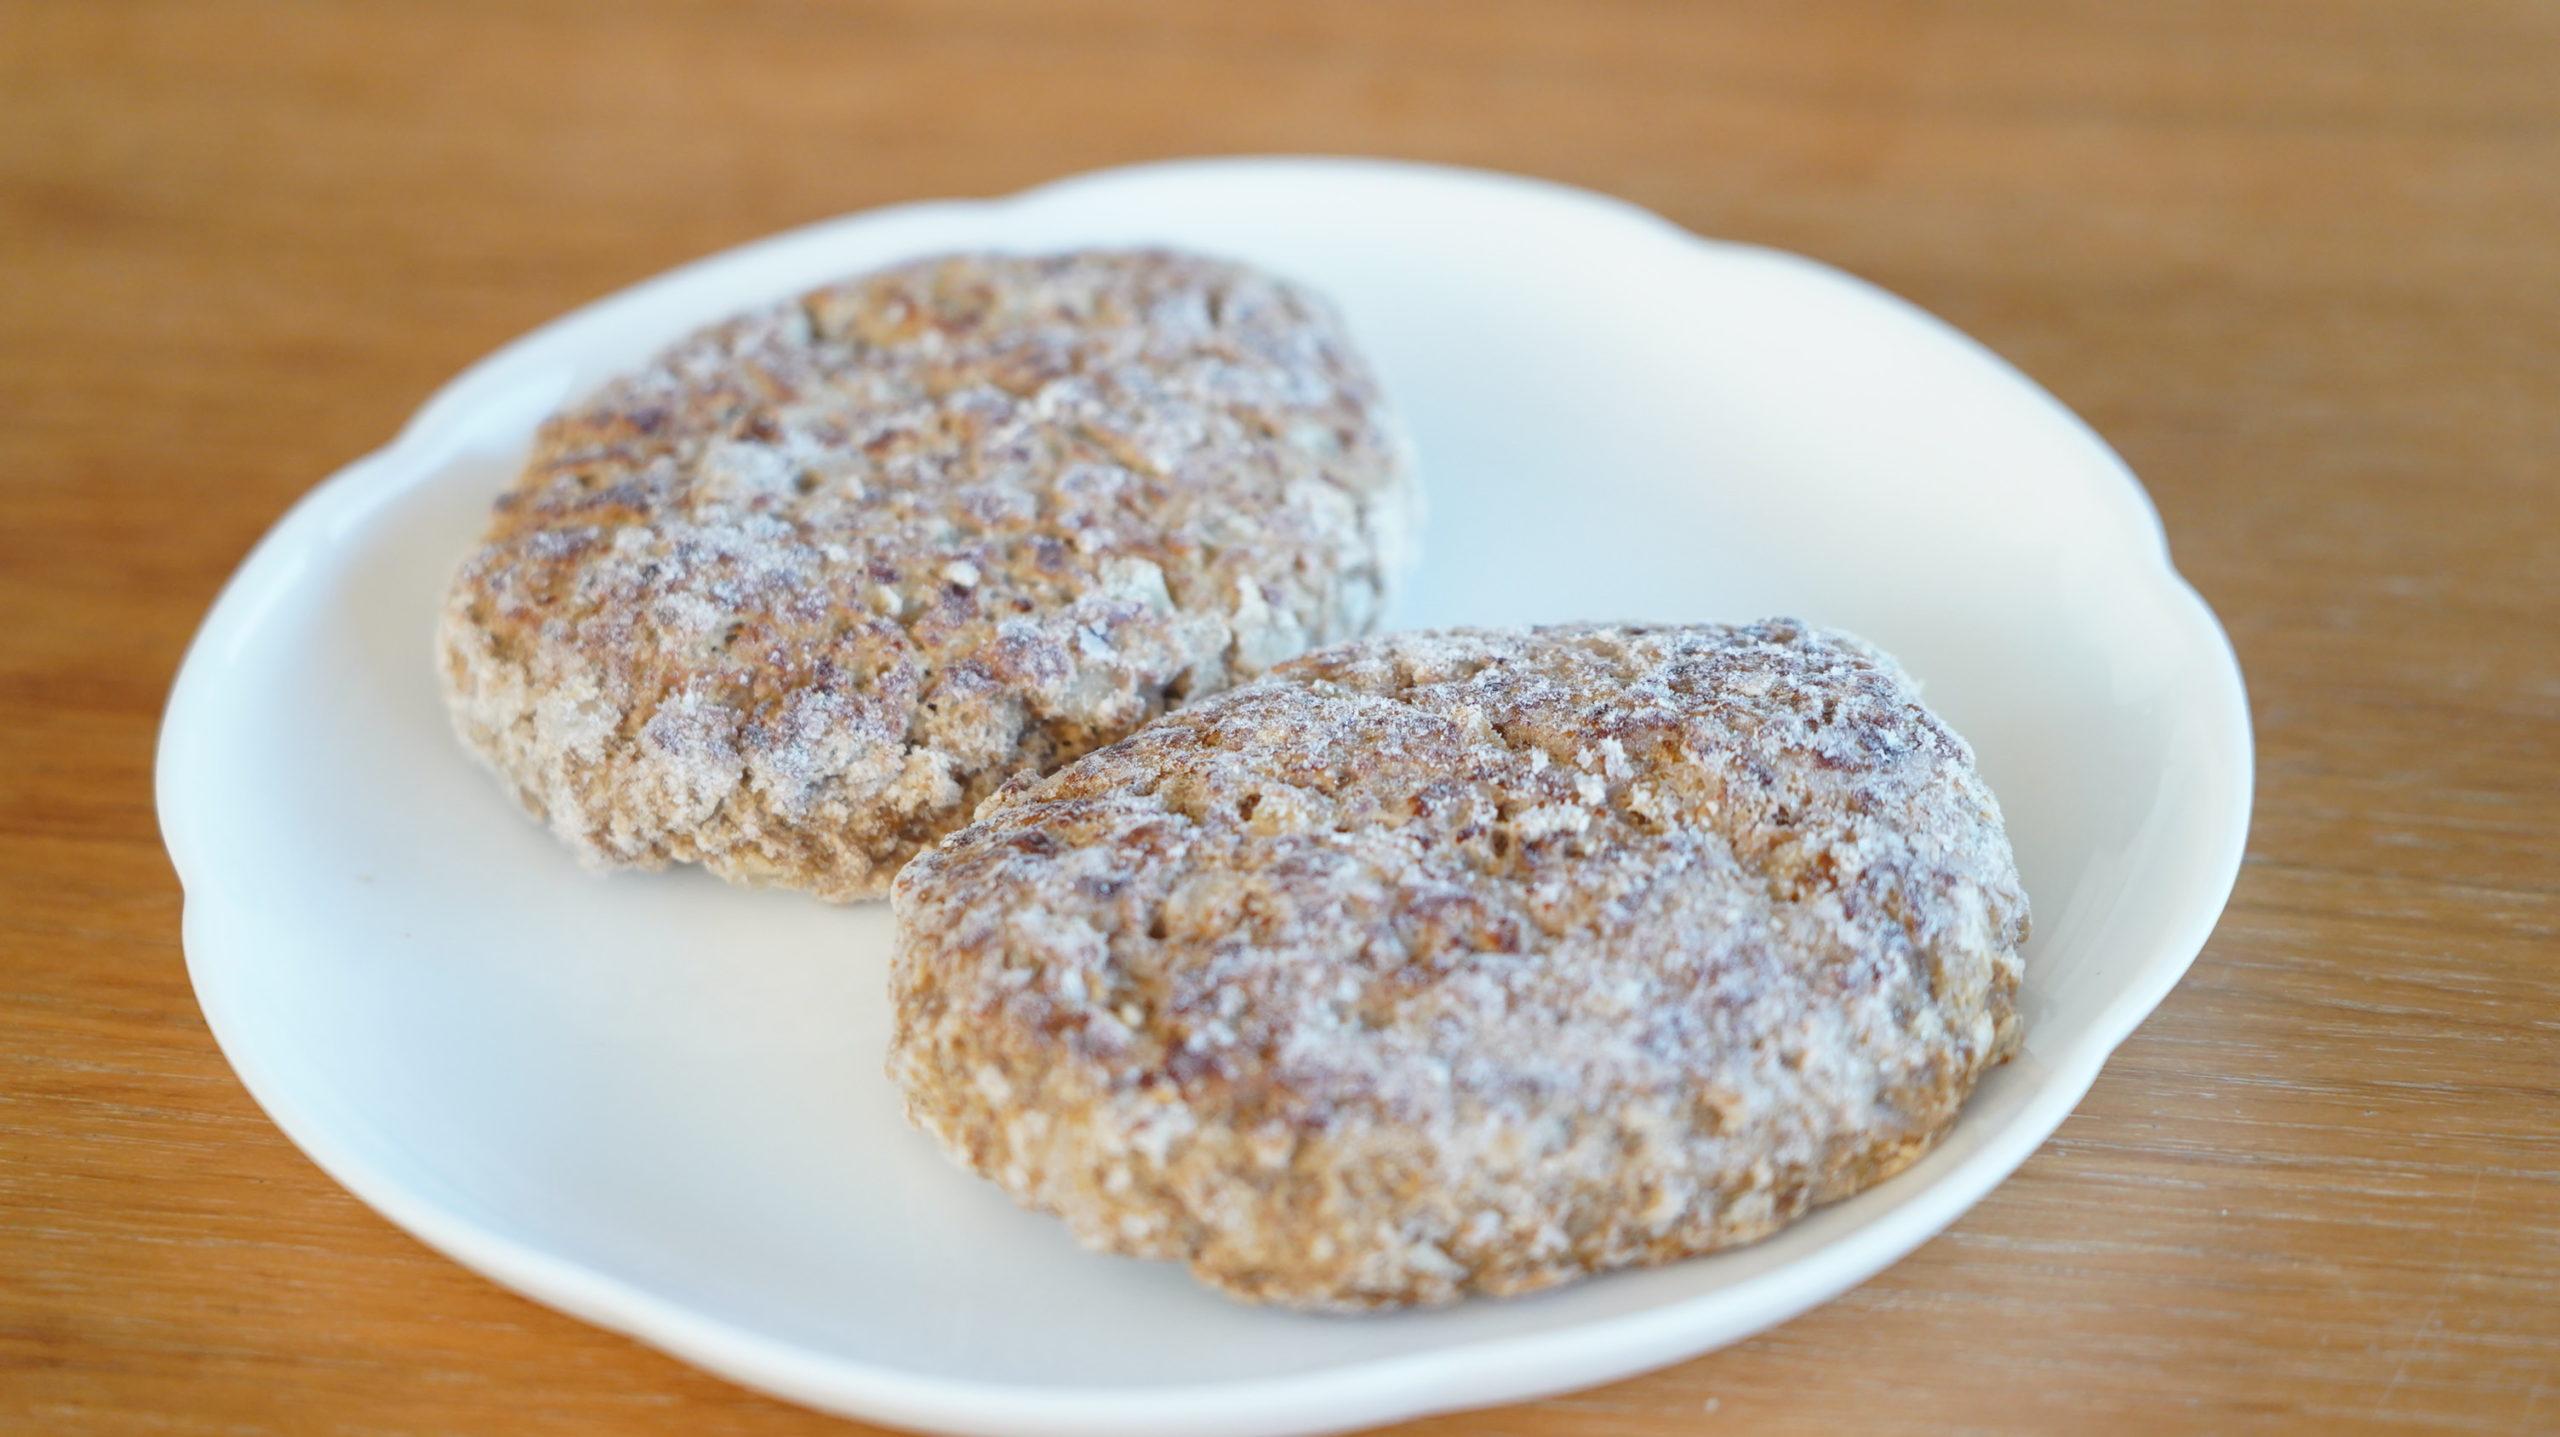 コストコの冷凍食品「香ばしグリエ・ハンバーグ」の冷凍状態の写真